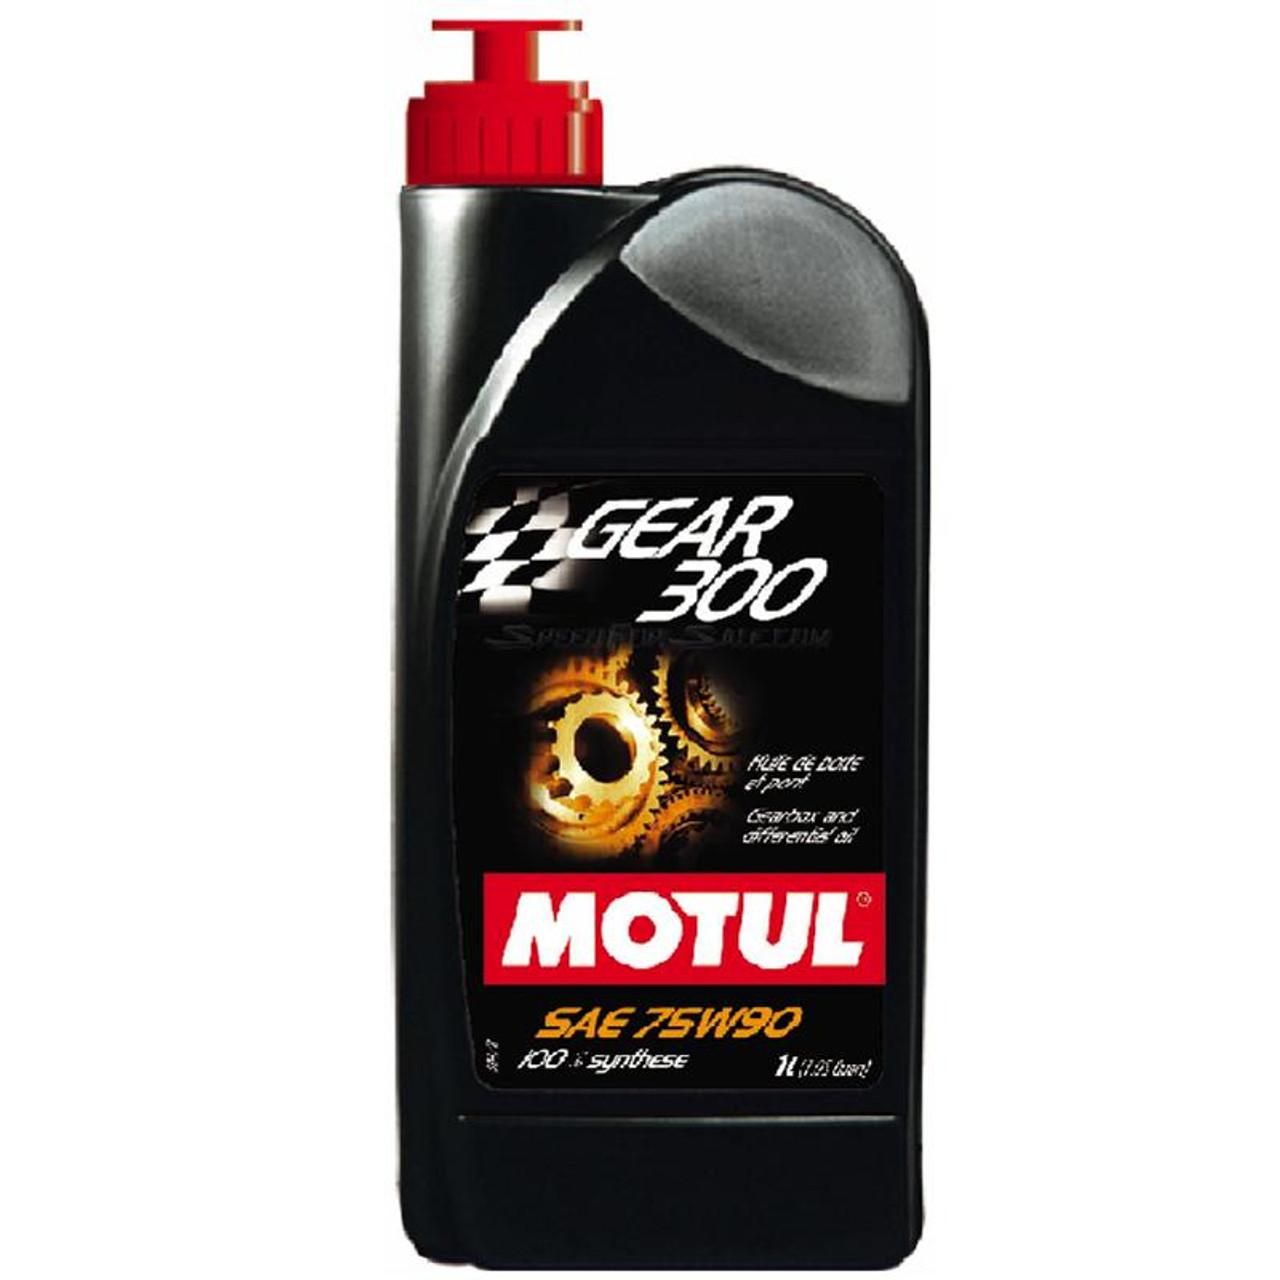 MOTUL Gear Fluid - Gear 300  Size: 1L Bottle (1.05 qt)